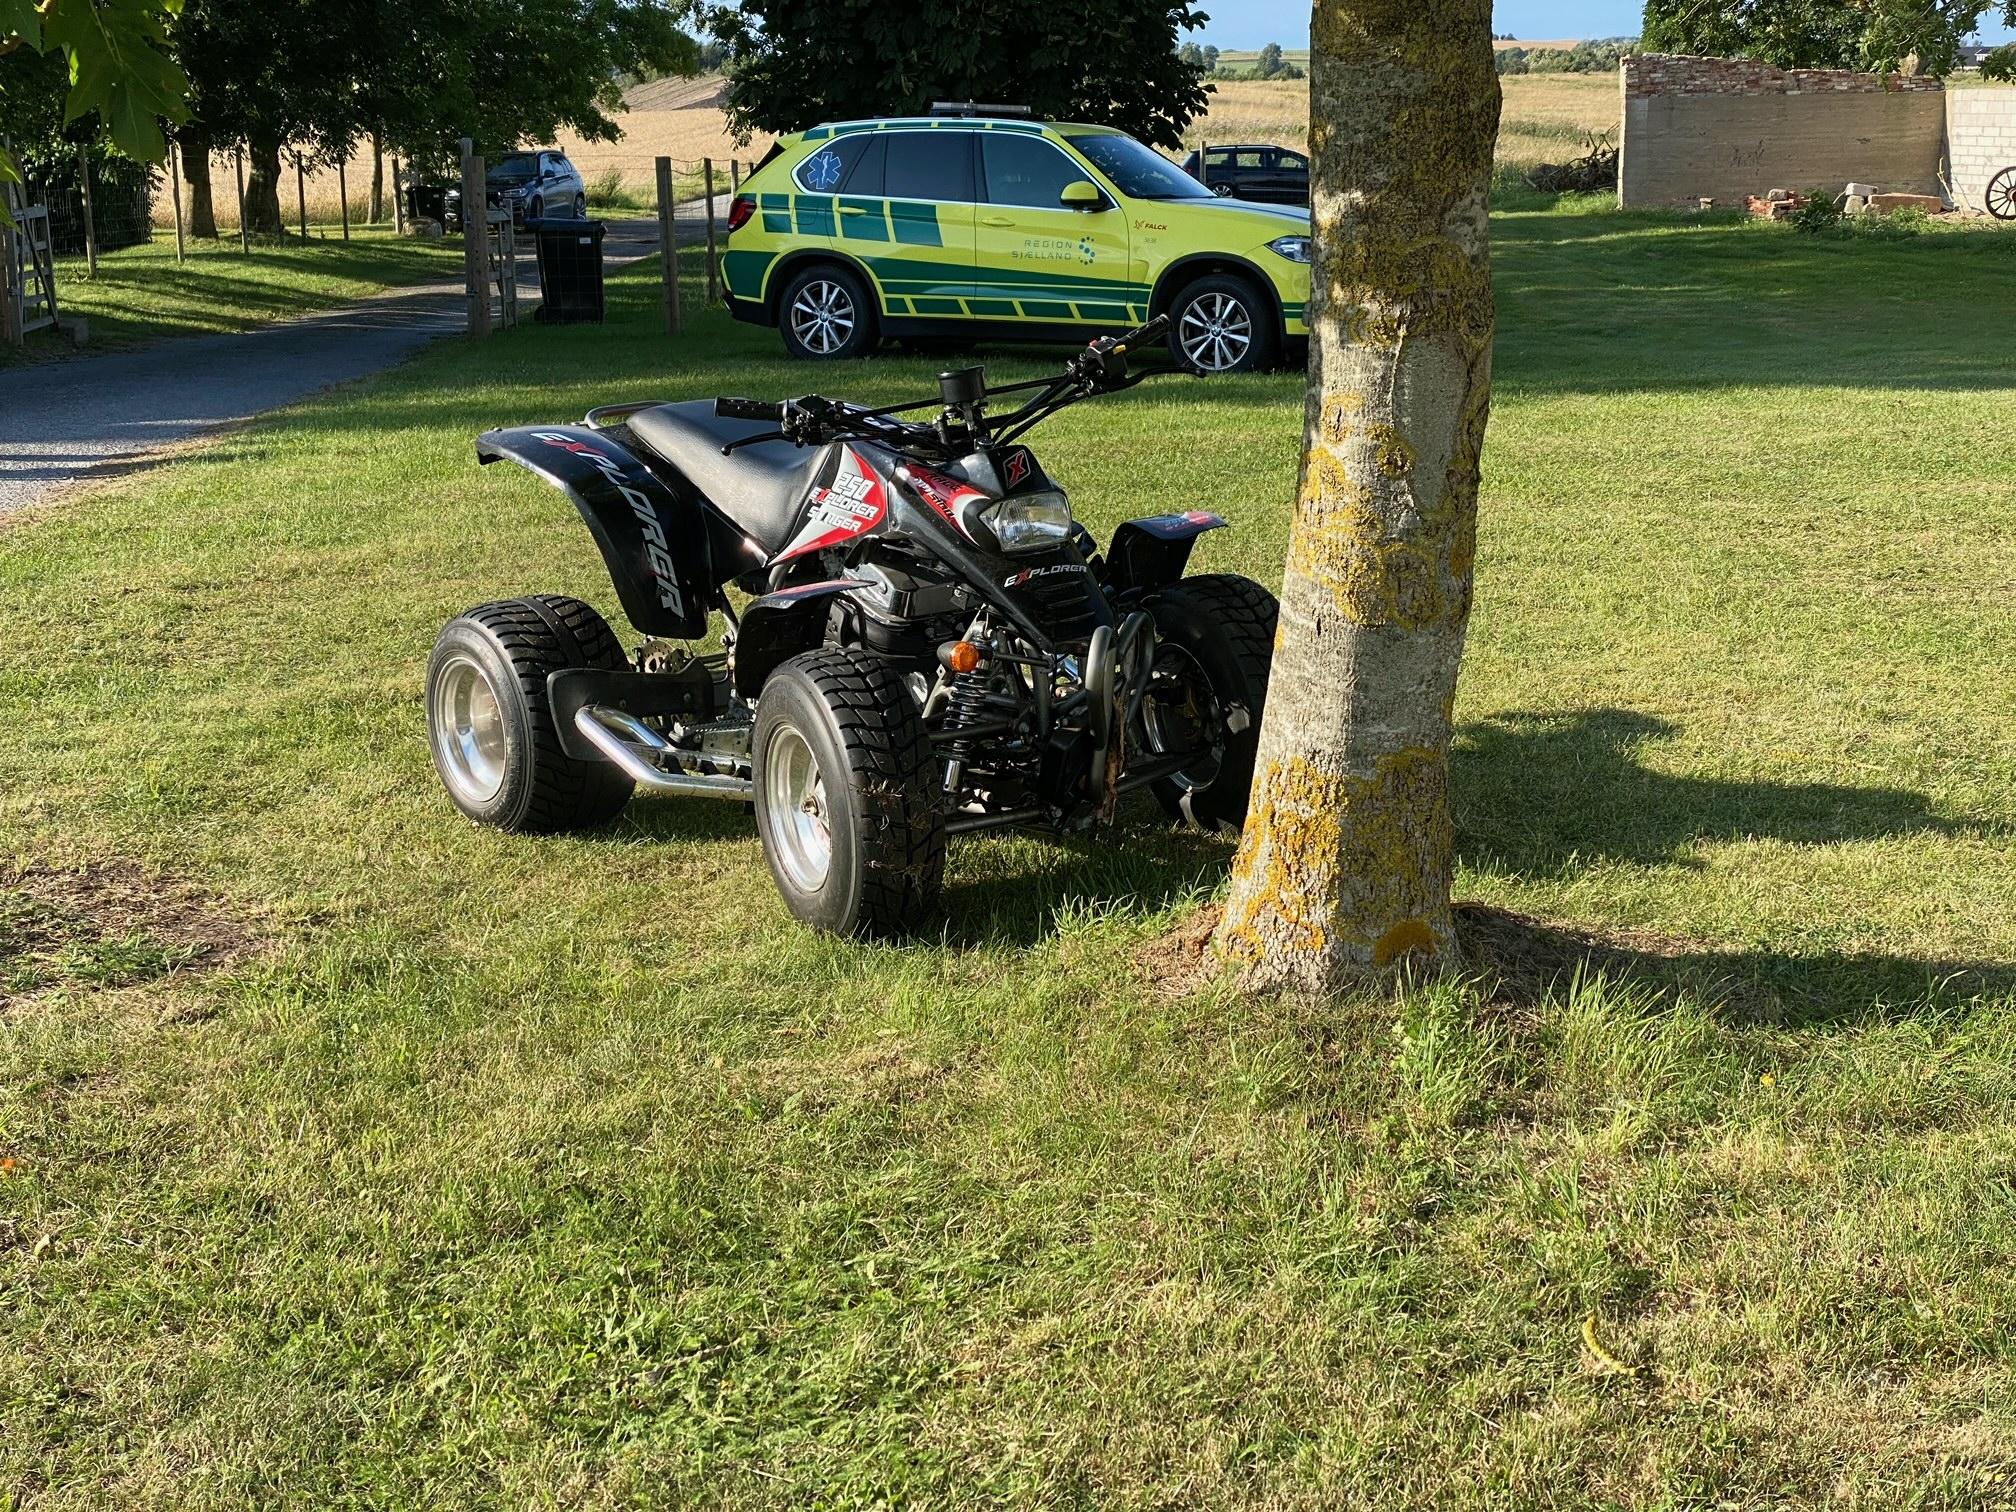 Dreng alvorligt til skade i ATV-ulykke